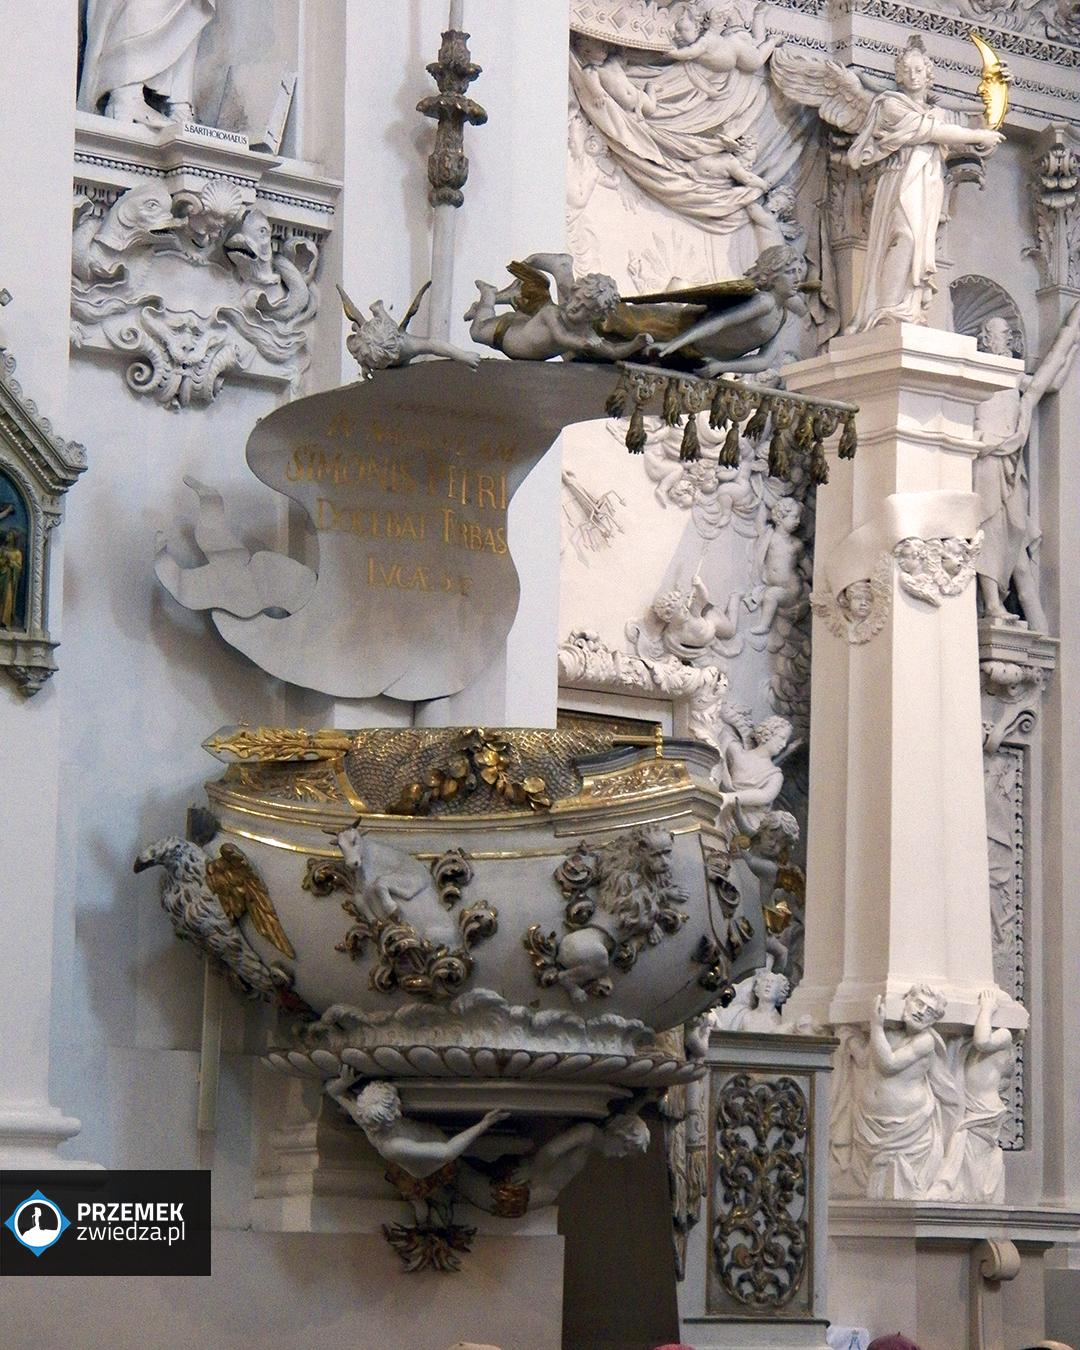 Wilno - Kościoł św. Piotra i św. Pawła - bogato zdobiona ambona